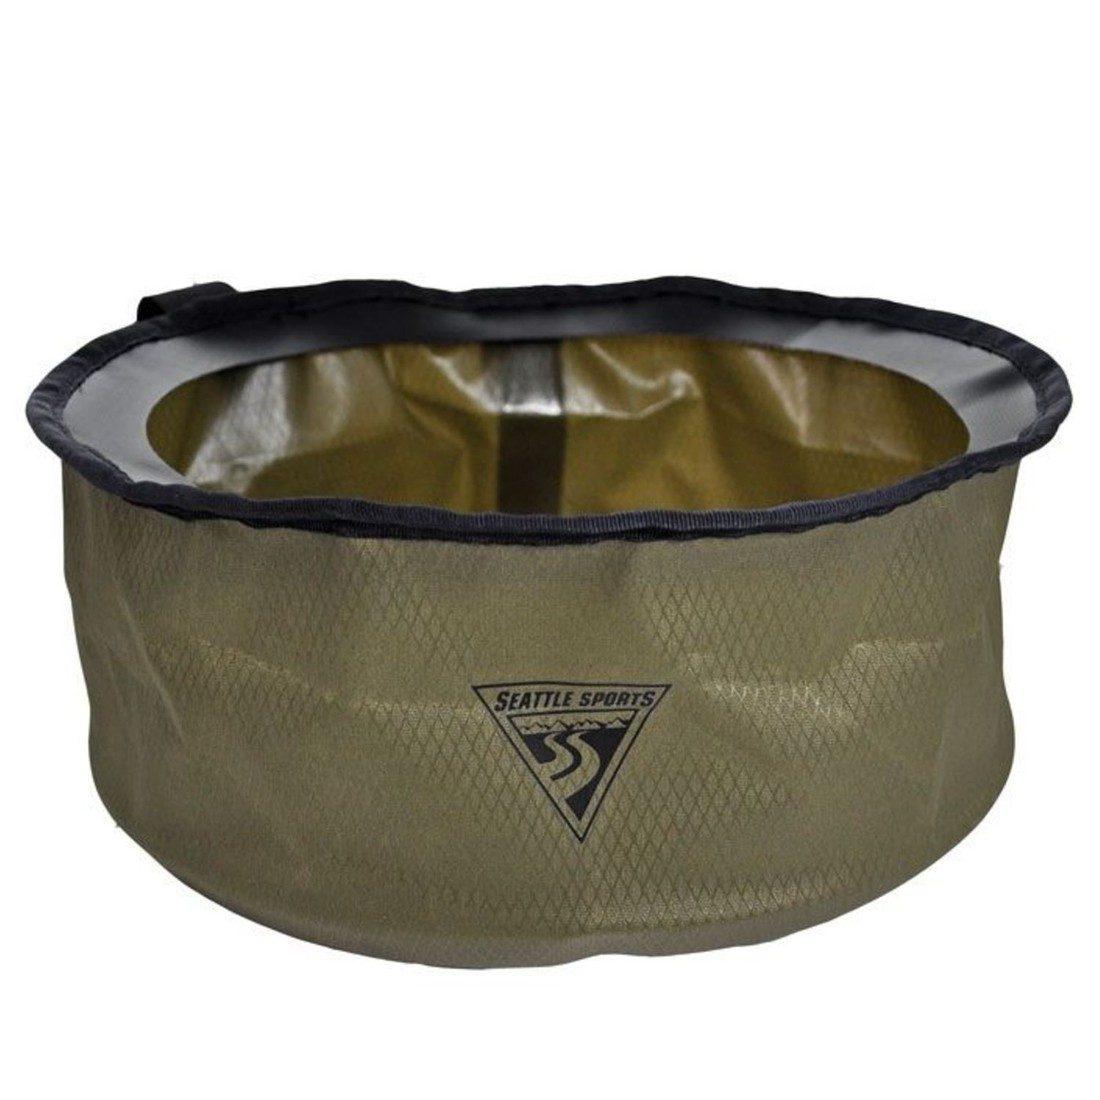 シアトルスポーツ ポケットボウル 4.5L コンパクトバケツ バッカン  国内正規品